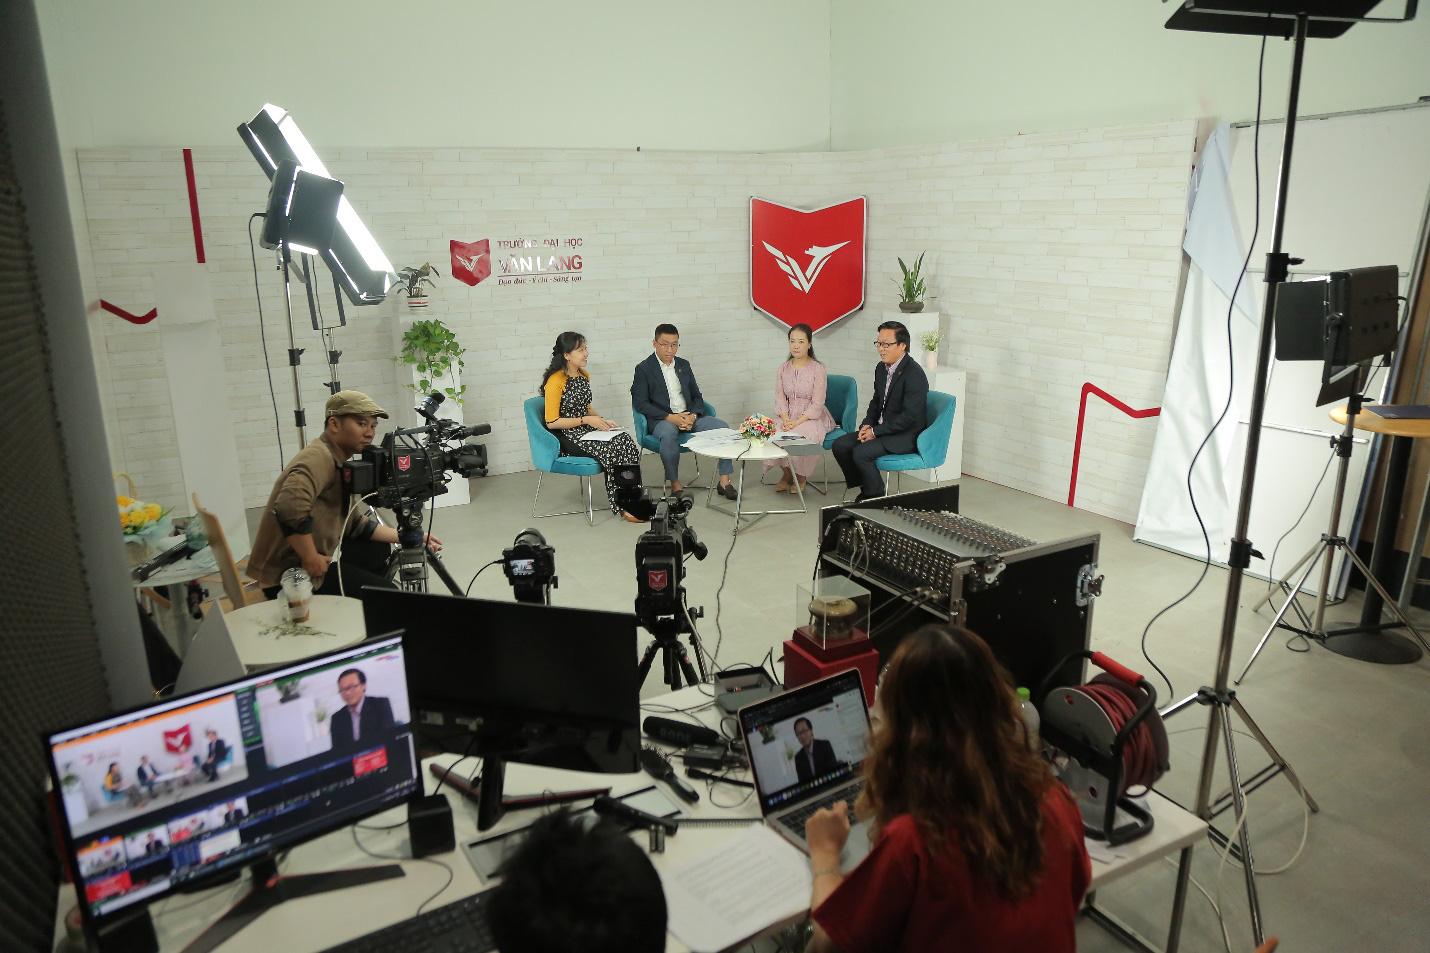 Truyền thông đa phương tiện: Thêm lựa chọn cho thí sinh thích nhóm ngành PR - Truyền thông tại Đại học Văn Lang - Ảnh 2.